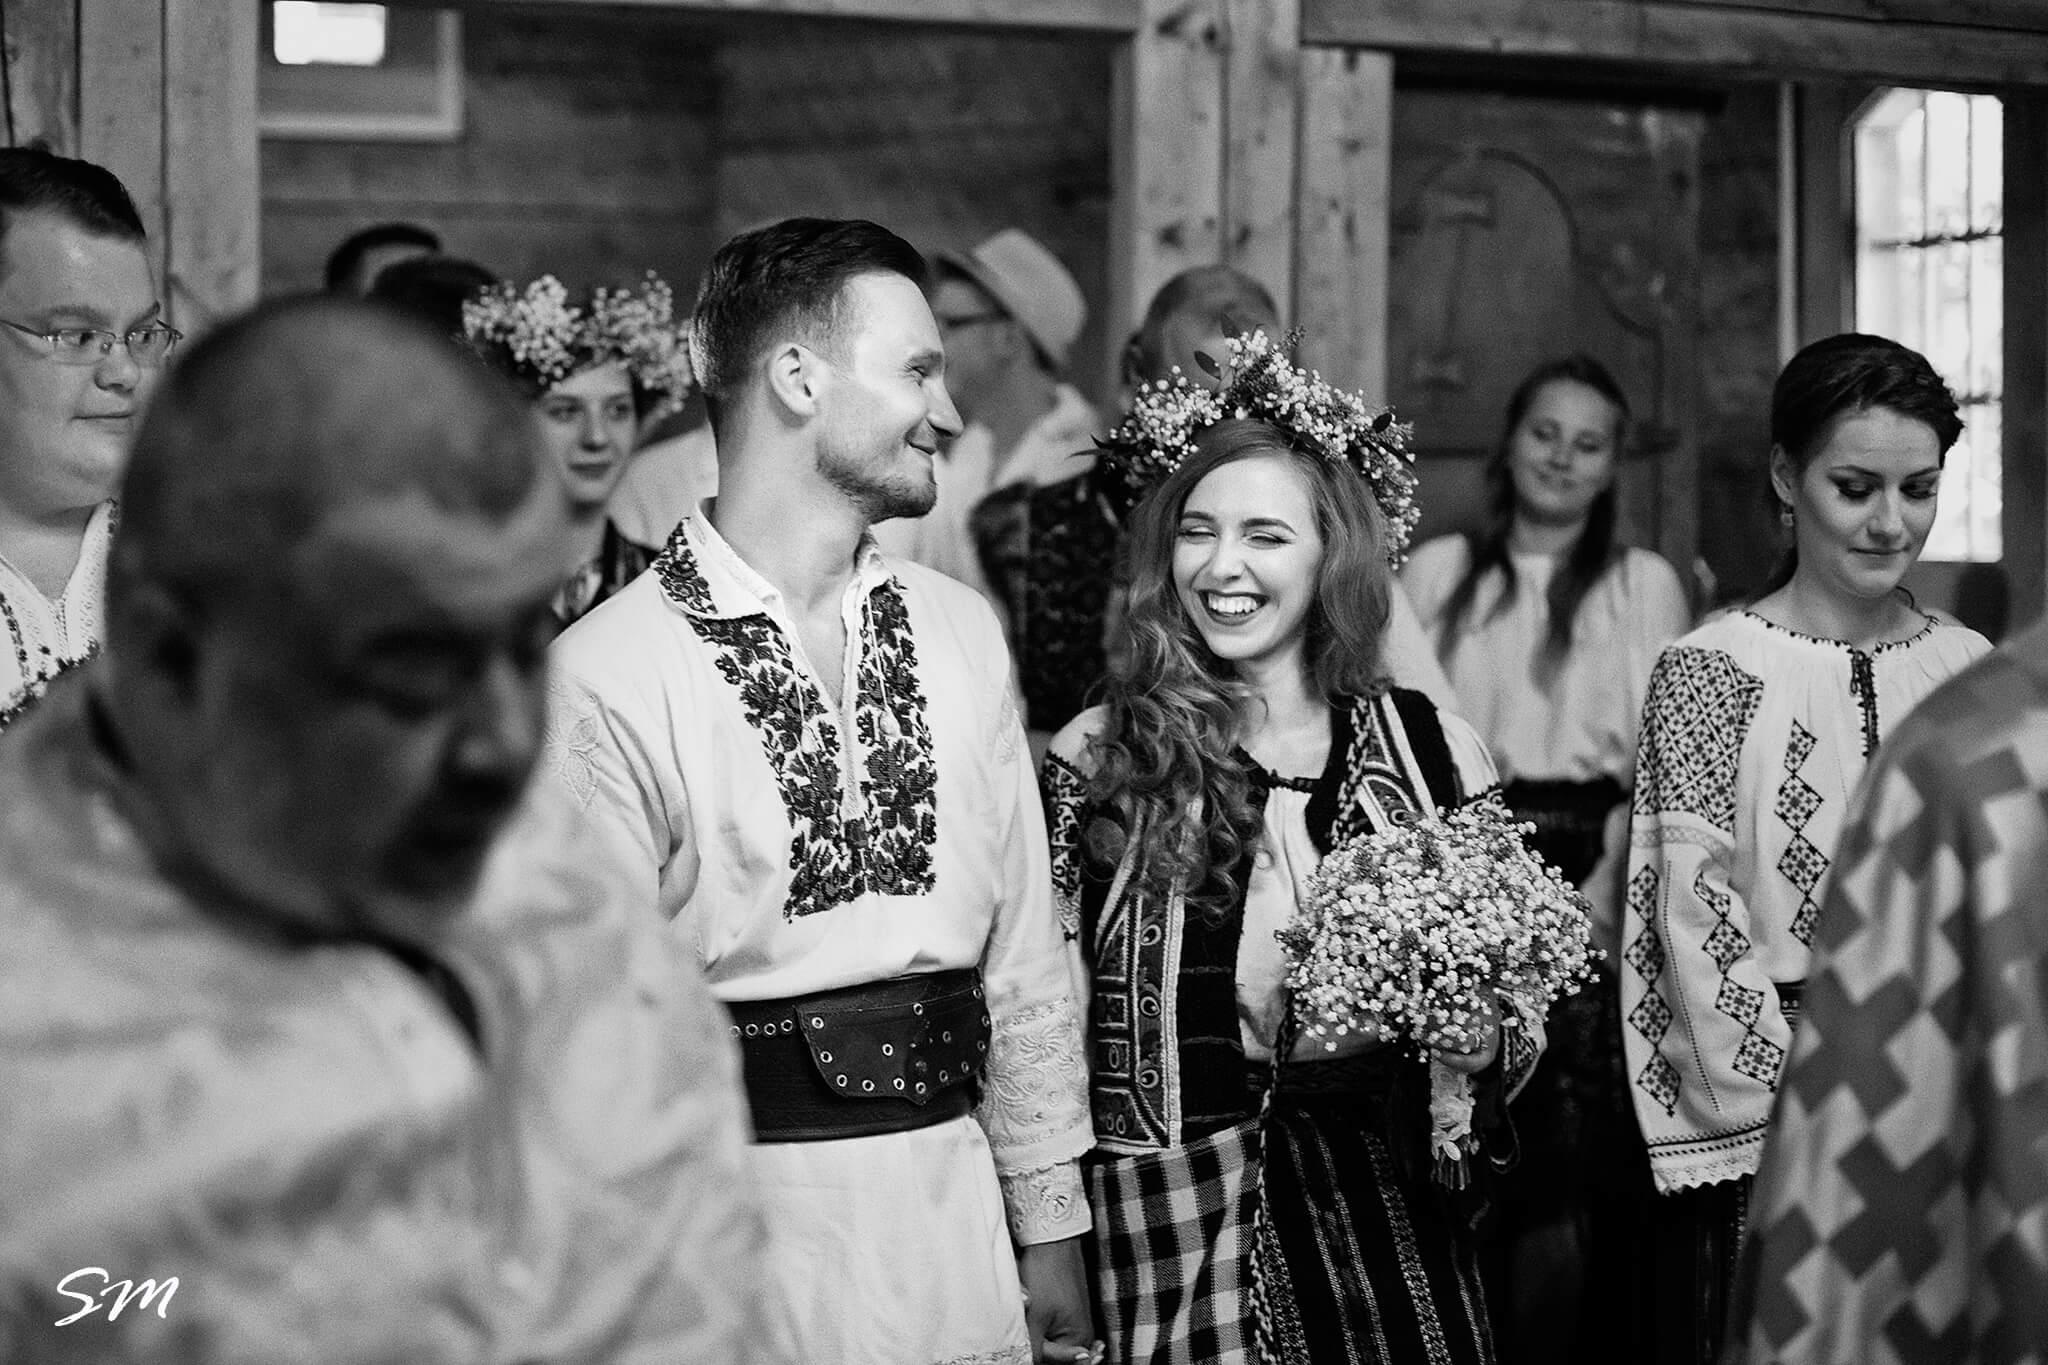 fotografii_nunta_suceava_muzeul_satului (7)